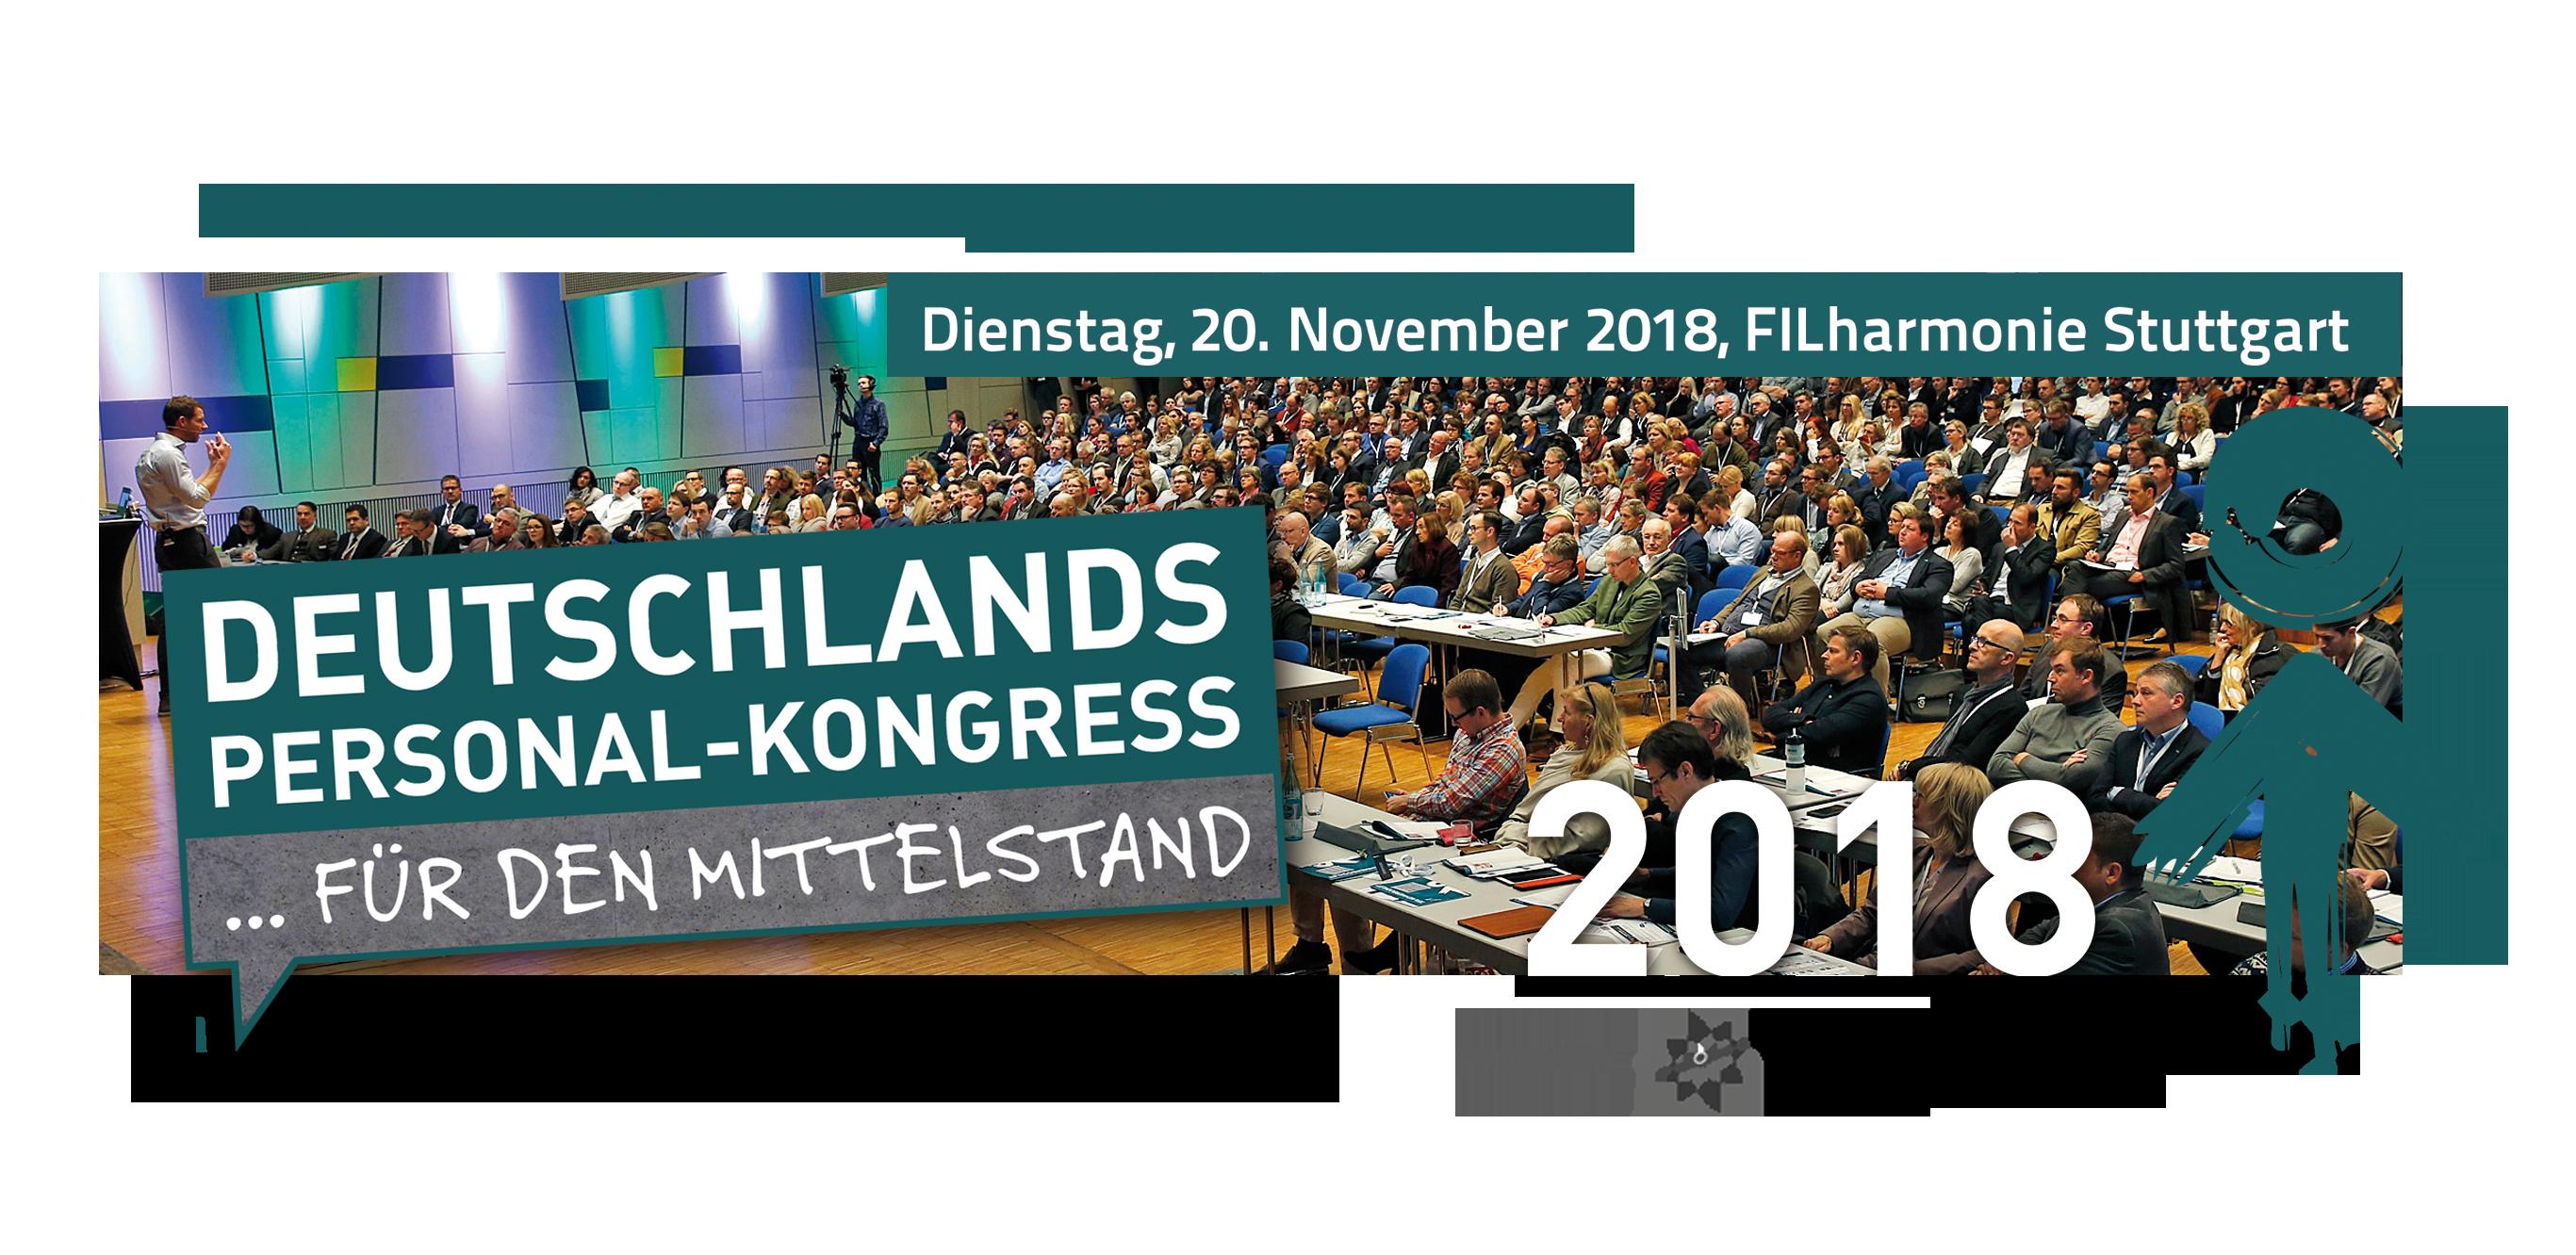 Jetzt ab in den Lostopf und 2 Kongress-Tickets gewinnen: Deutschlands Personal-Kongress 2018